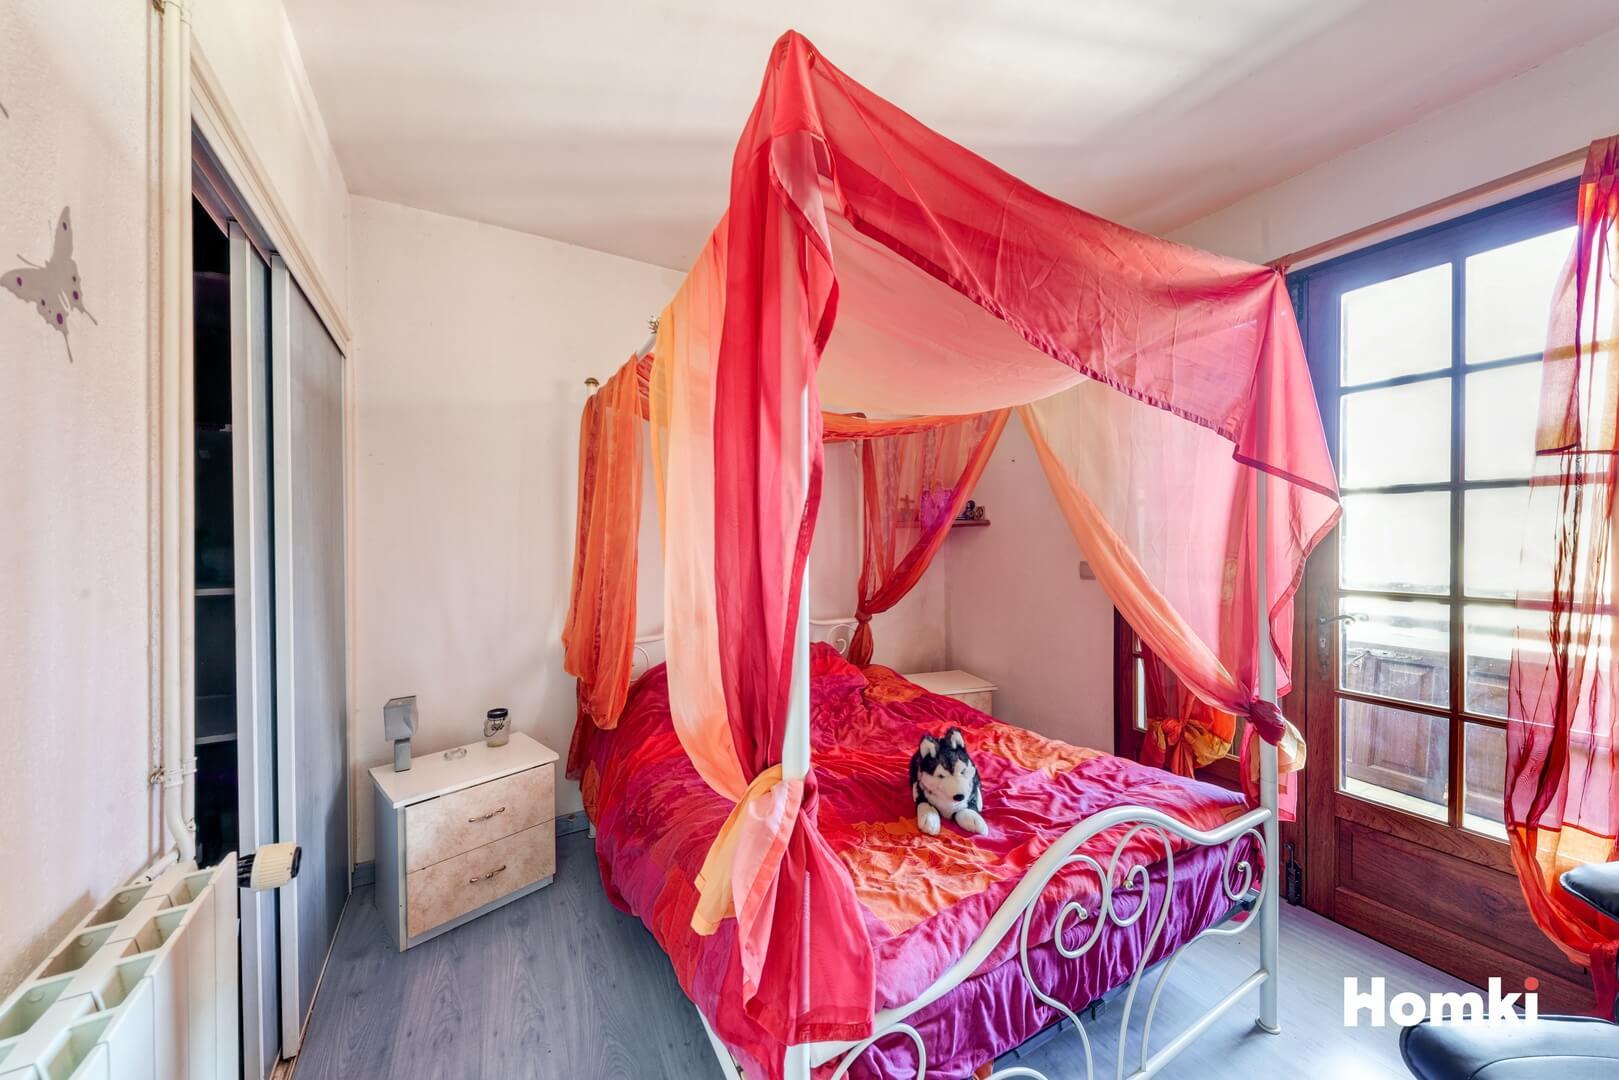 Homki - Vente Maison de ville  de 170.0 m² à Mezel 04270